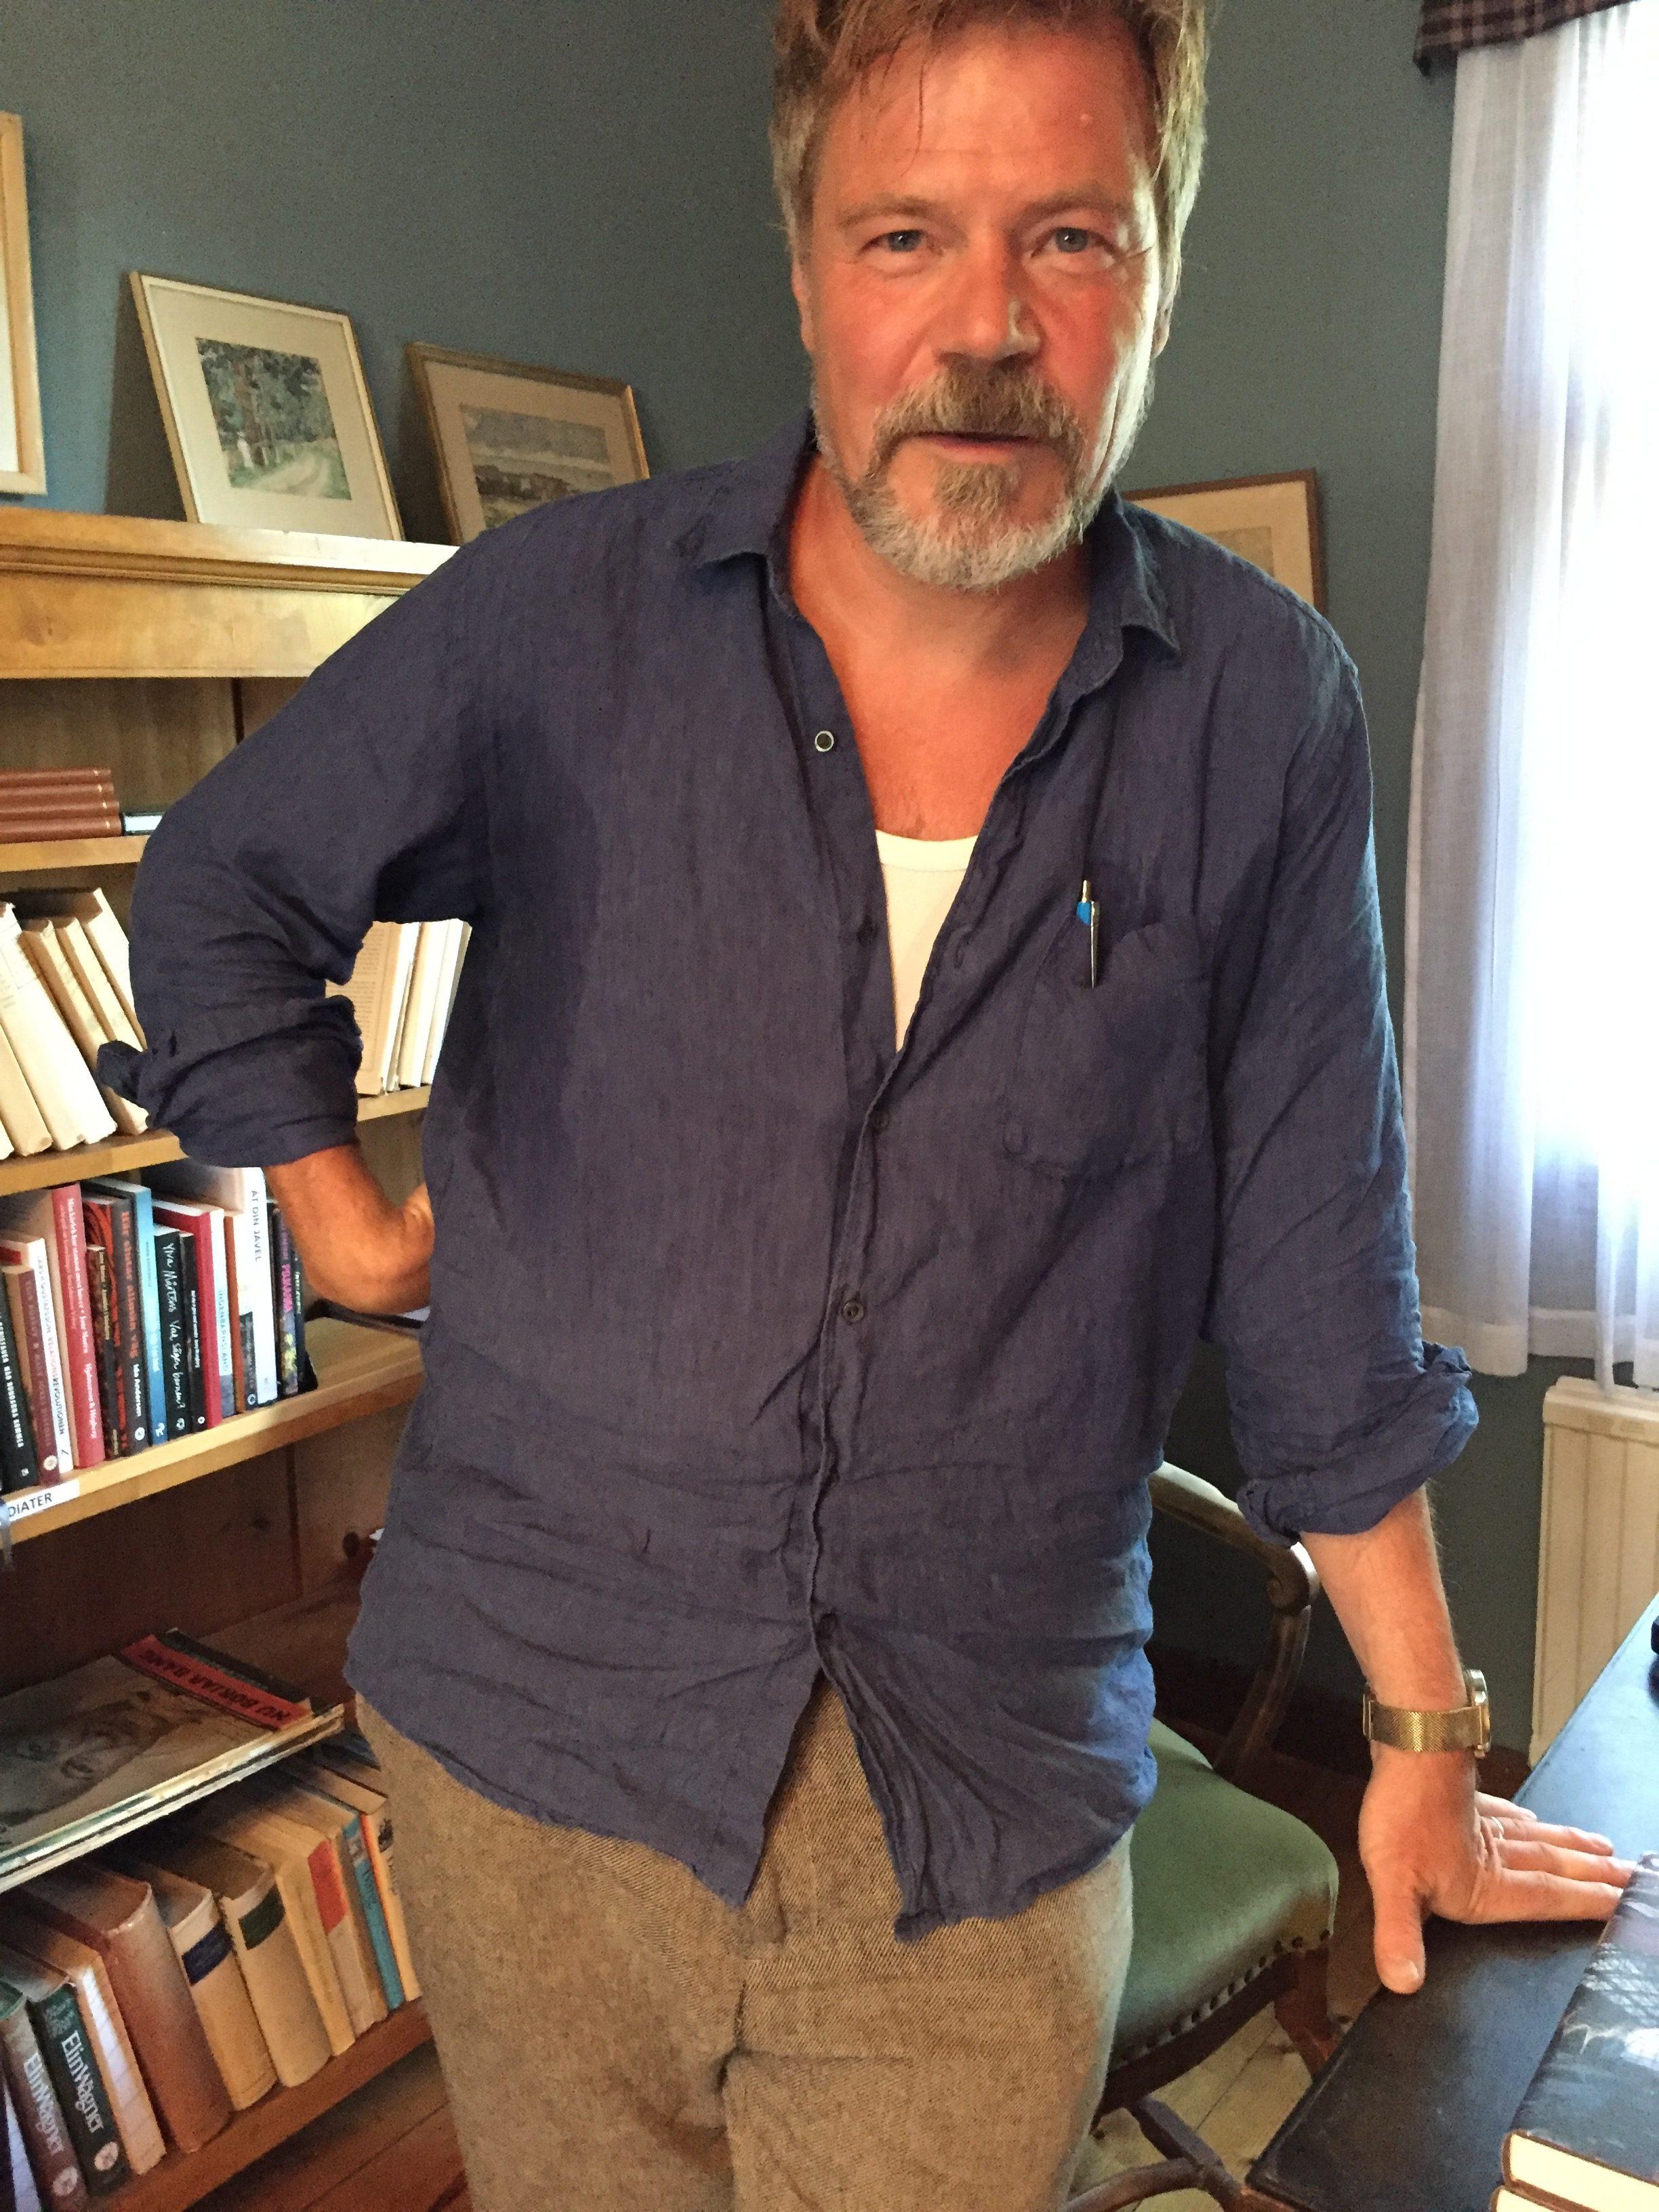 Kristoffer Leandoer framför bokhyllan med lejontassar i vardagsrummet.